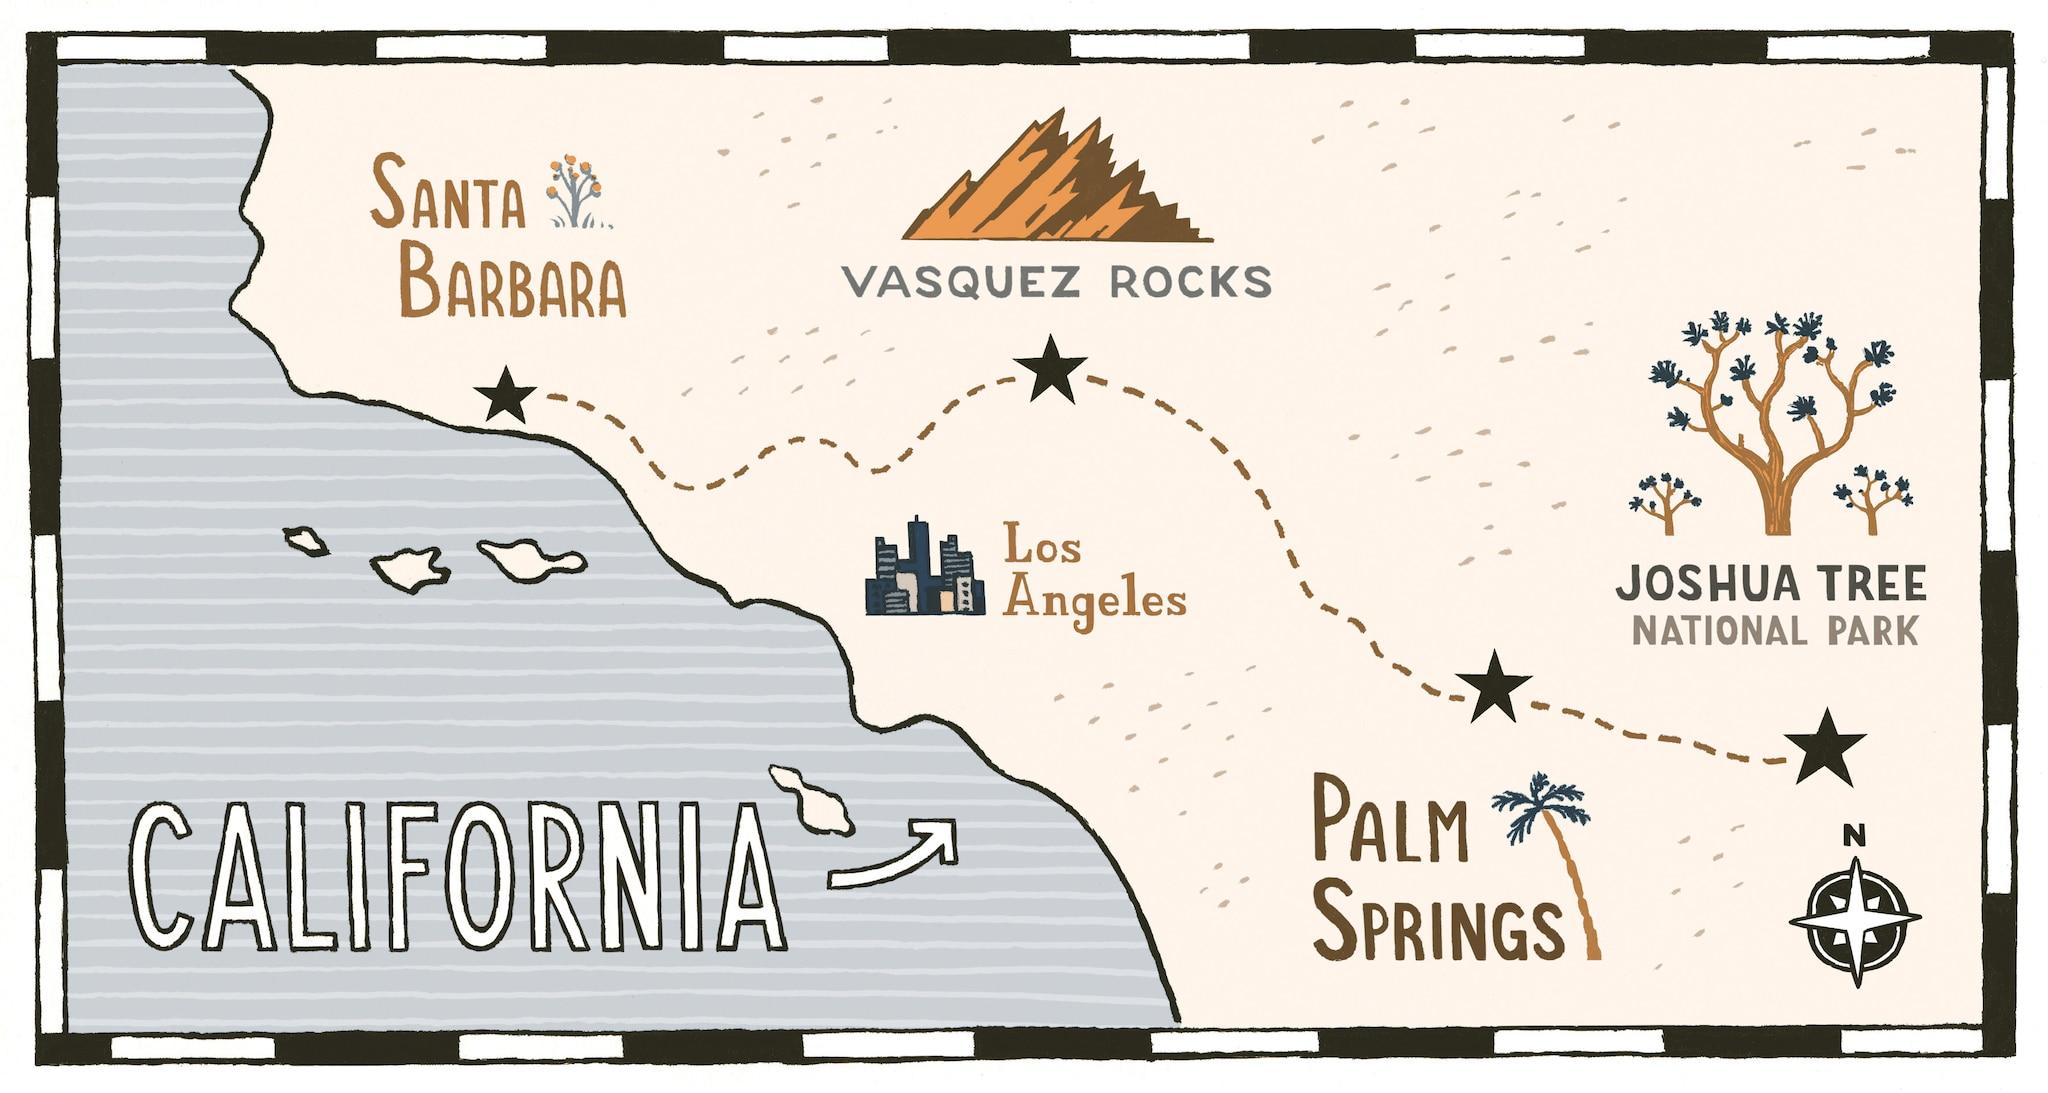 Ilustración de un mapa de los parques del sur de California.